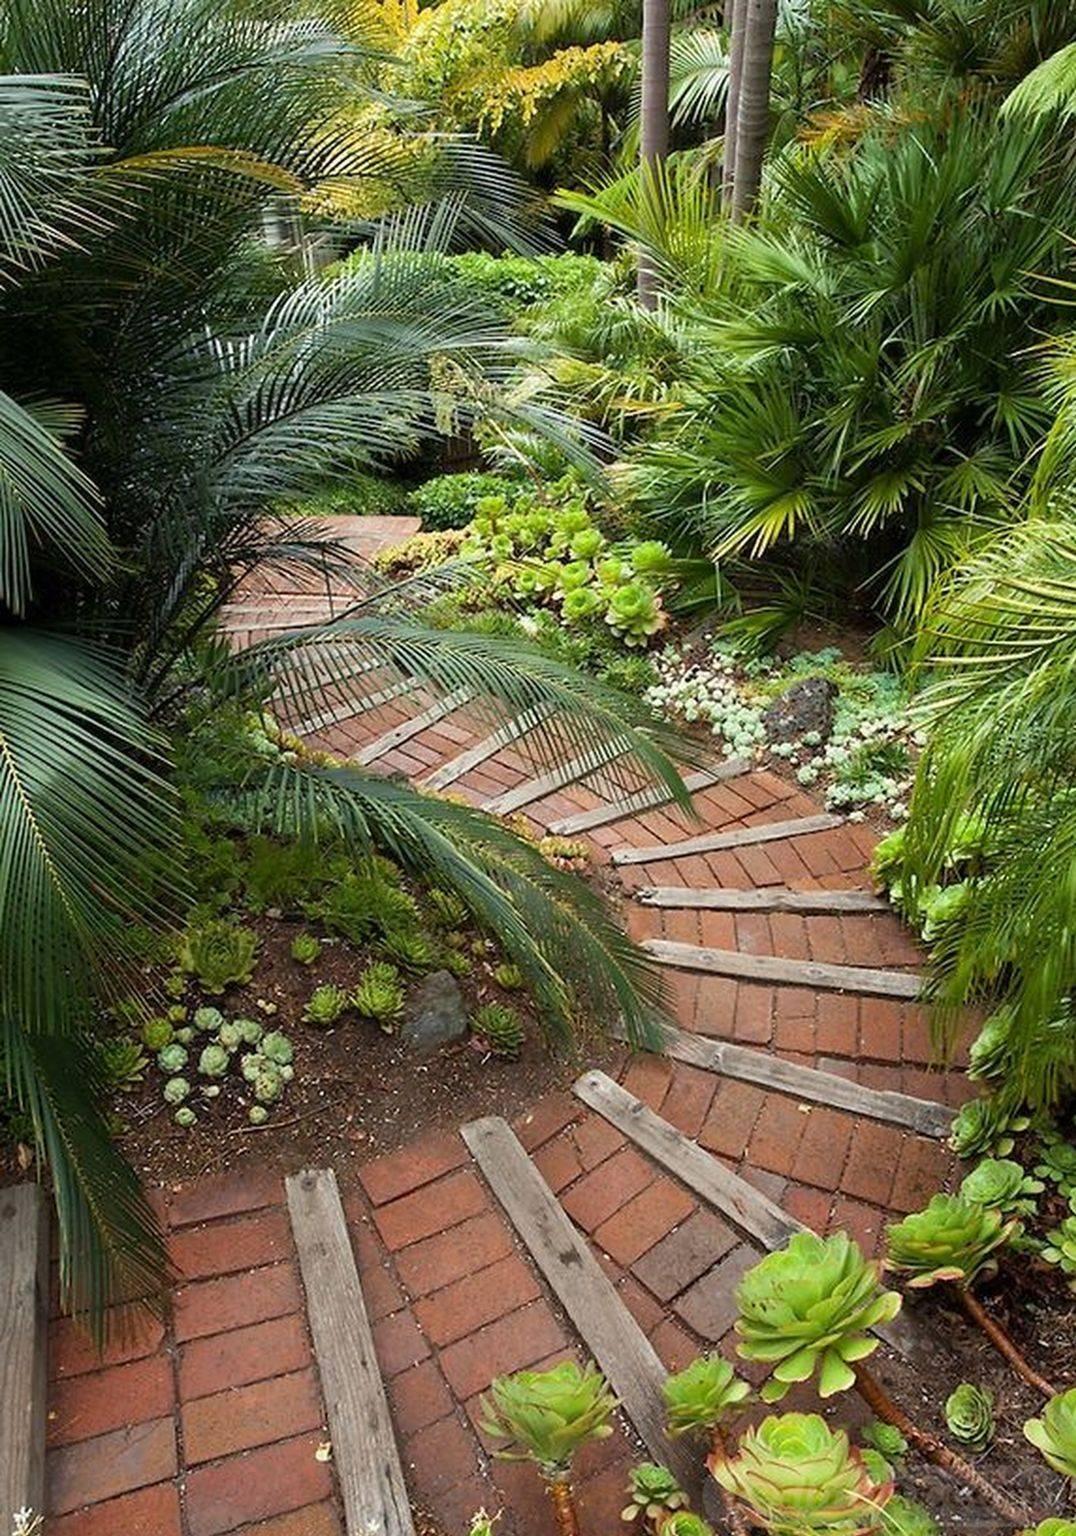 tropical garden ideas-309833649363498035